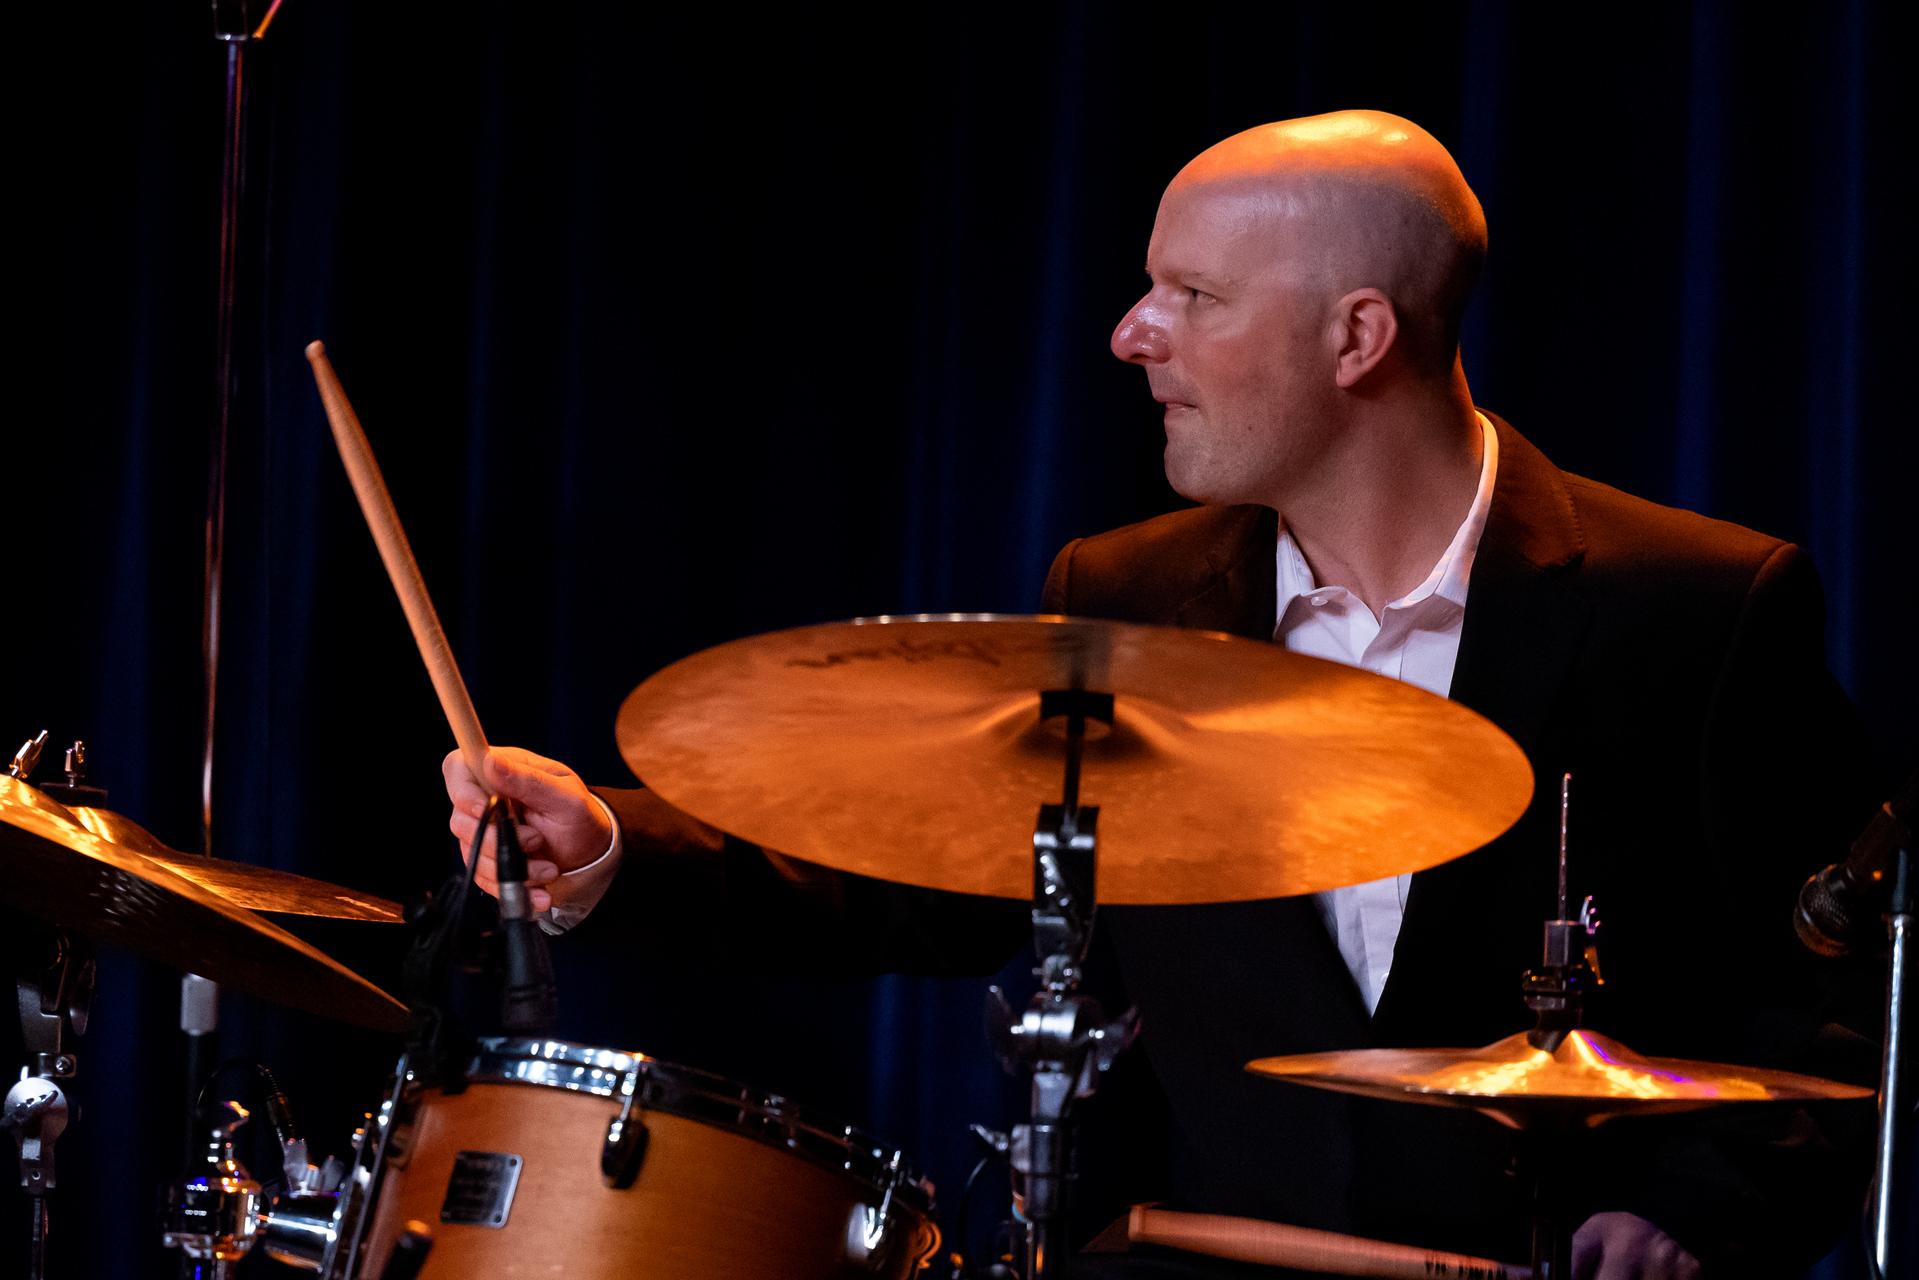 2020_09_04-James-Taylor-Quartet-©-Luca-Vantusso-210923-EOS53857